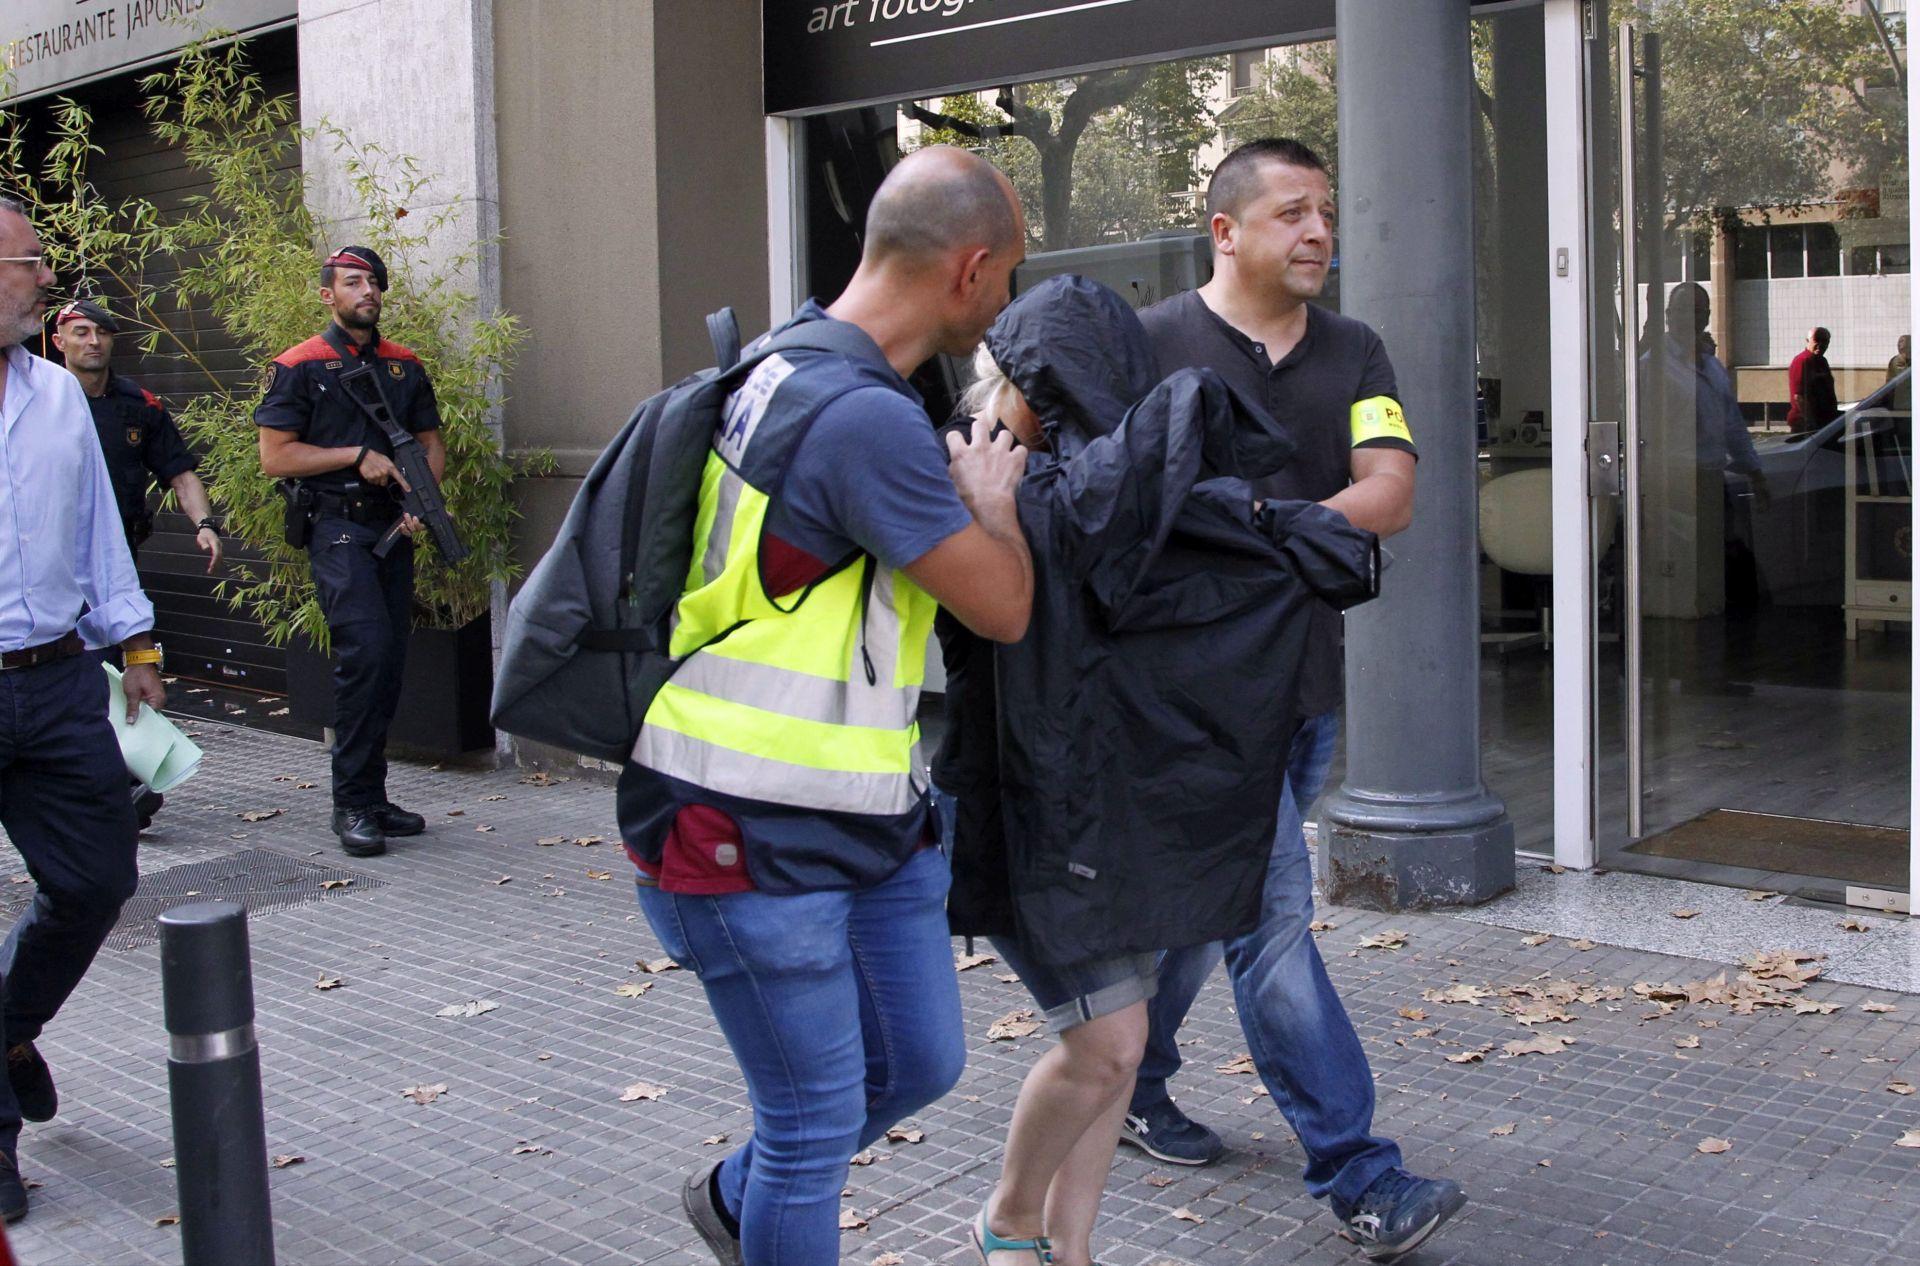 UHIĆENO SEDMERO LJUDI: U Španjolskoj razbijen lanac krivotvoritelja novca